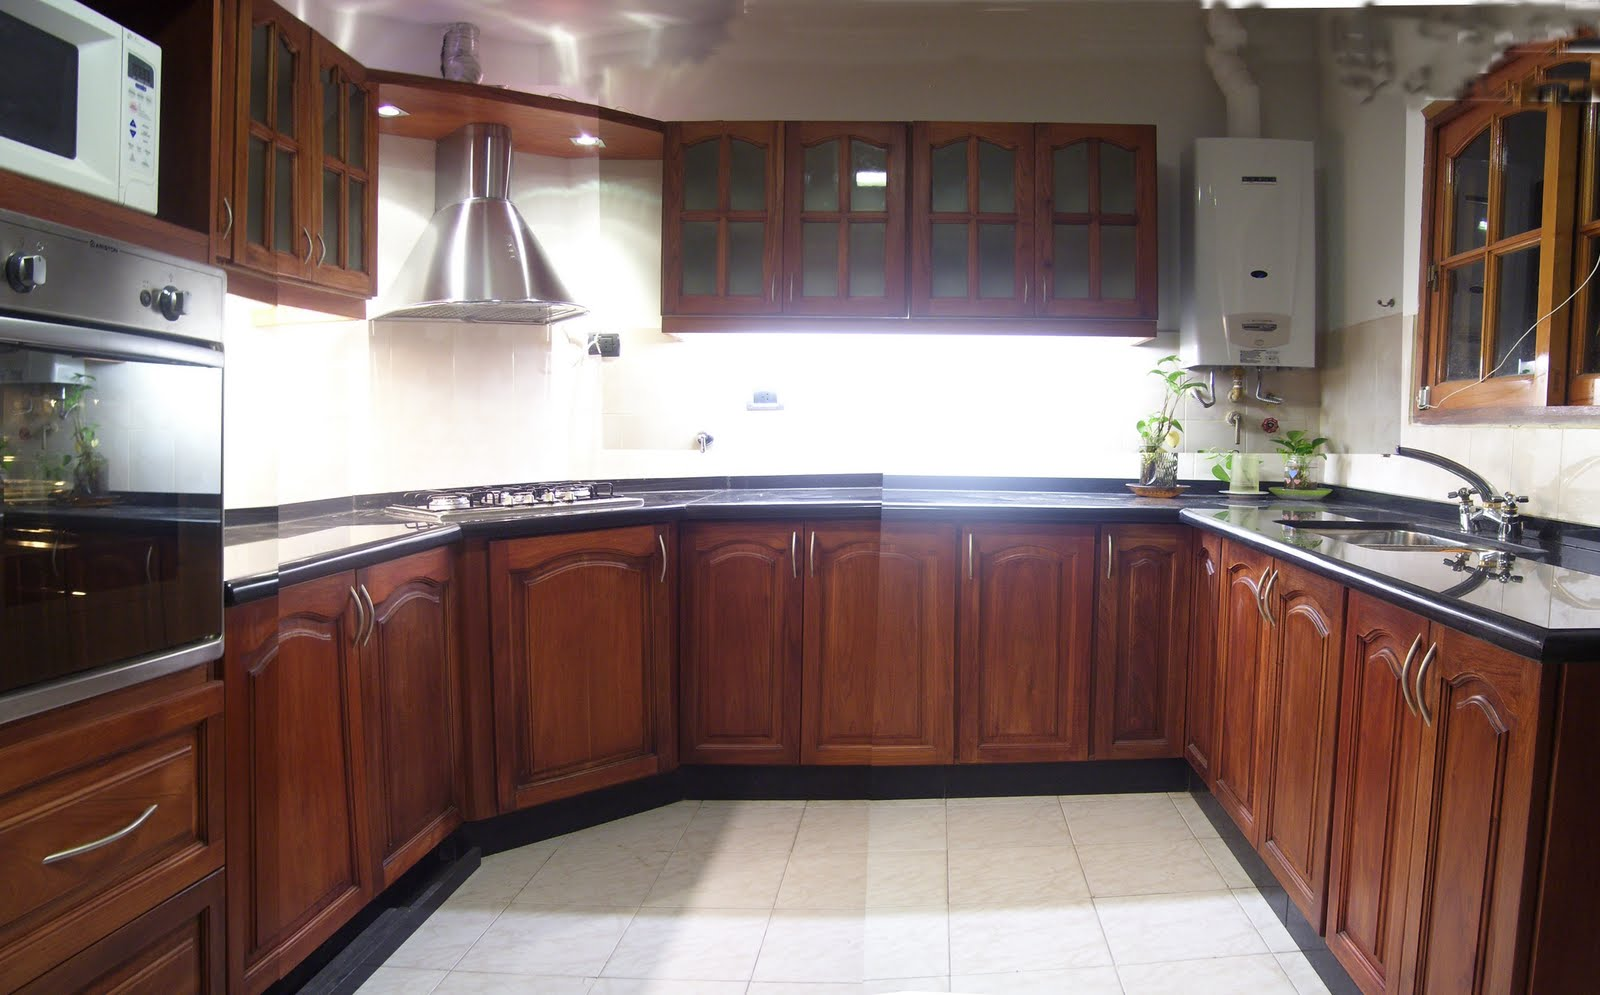 Dise o y desarrollo de muebles cocina en cedro macizo for Disenos de muebles para cocina en madera